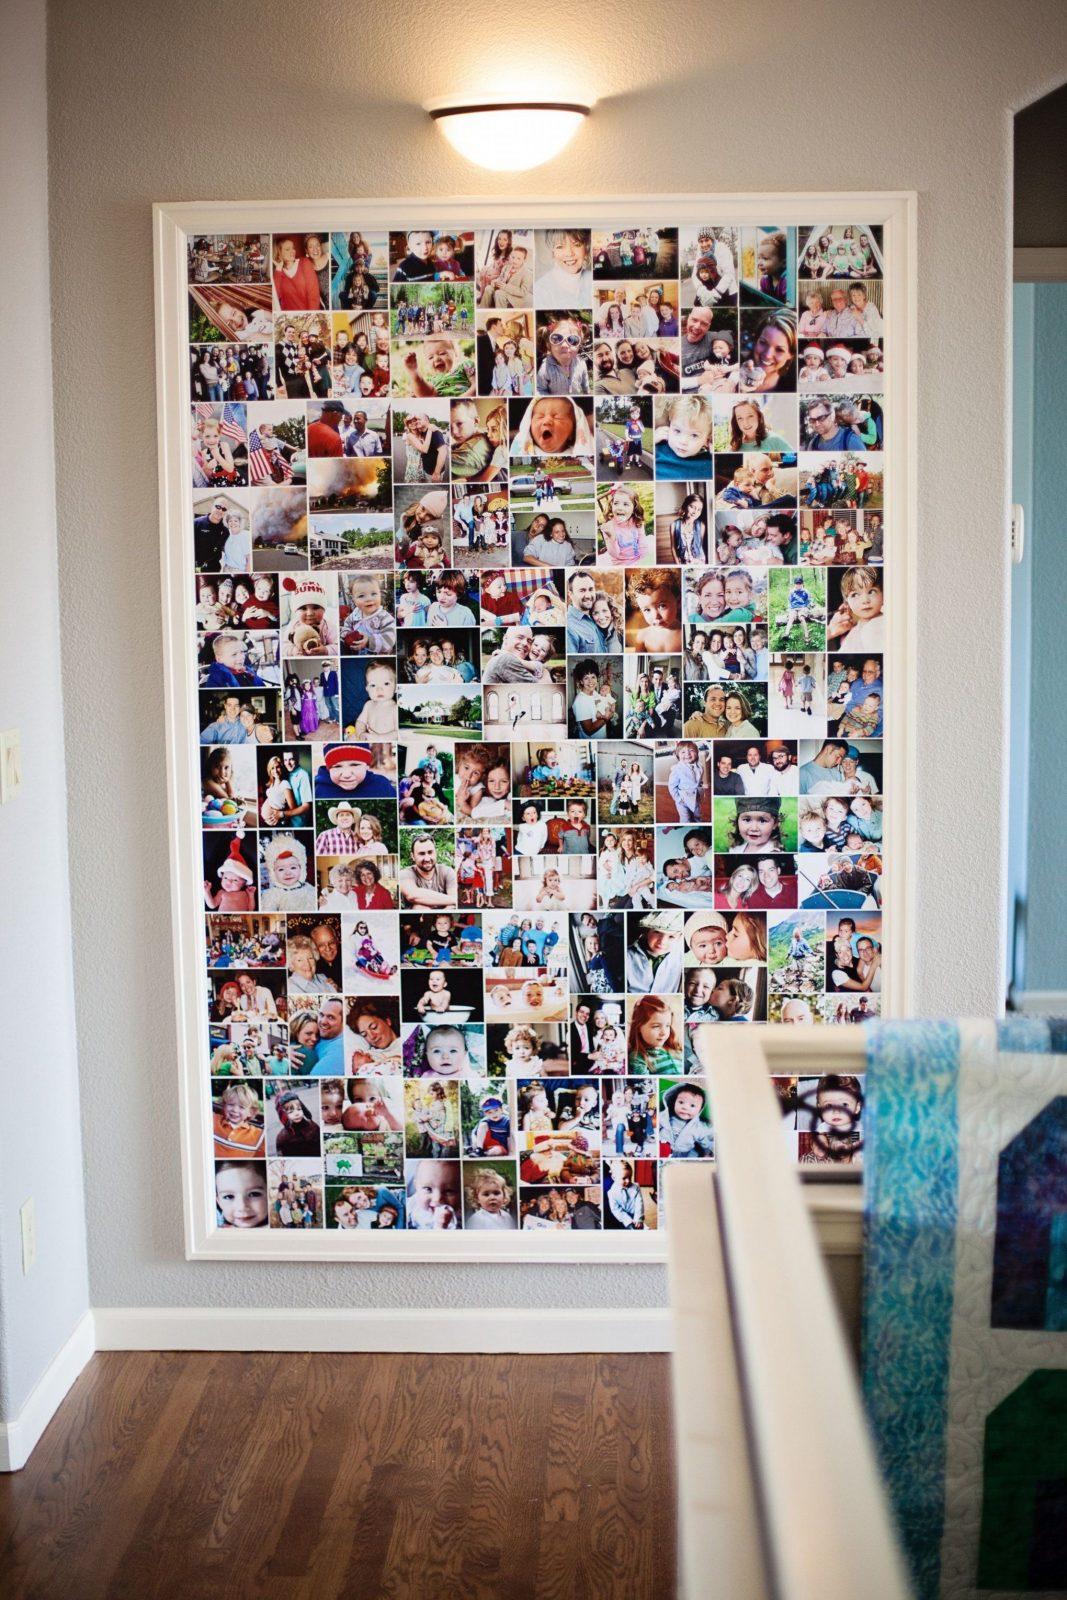 Fotos Fotocollage Im Riesenbilderrahmen Für Schöne Erinnerungen von Fotocollage Auf Leinwand Selber Basteln Bild